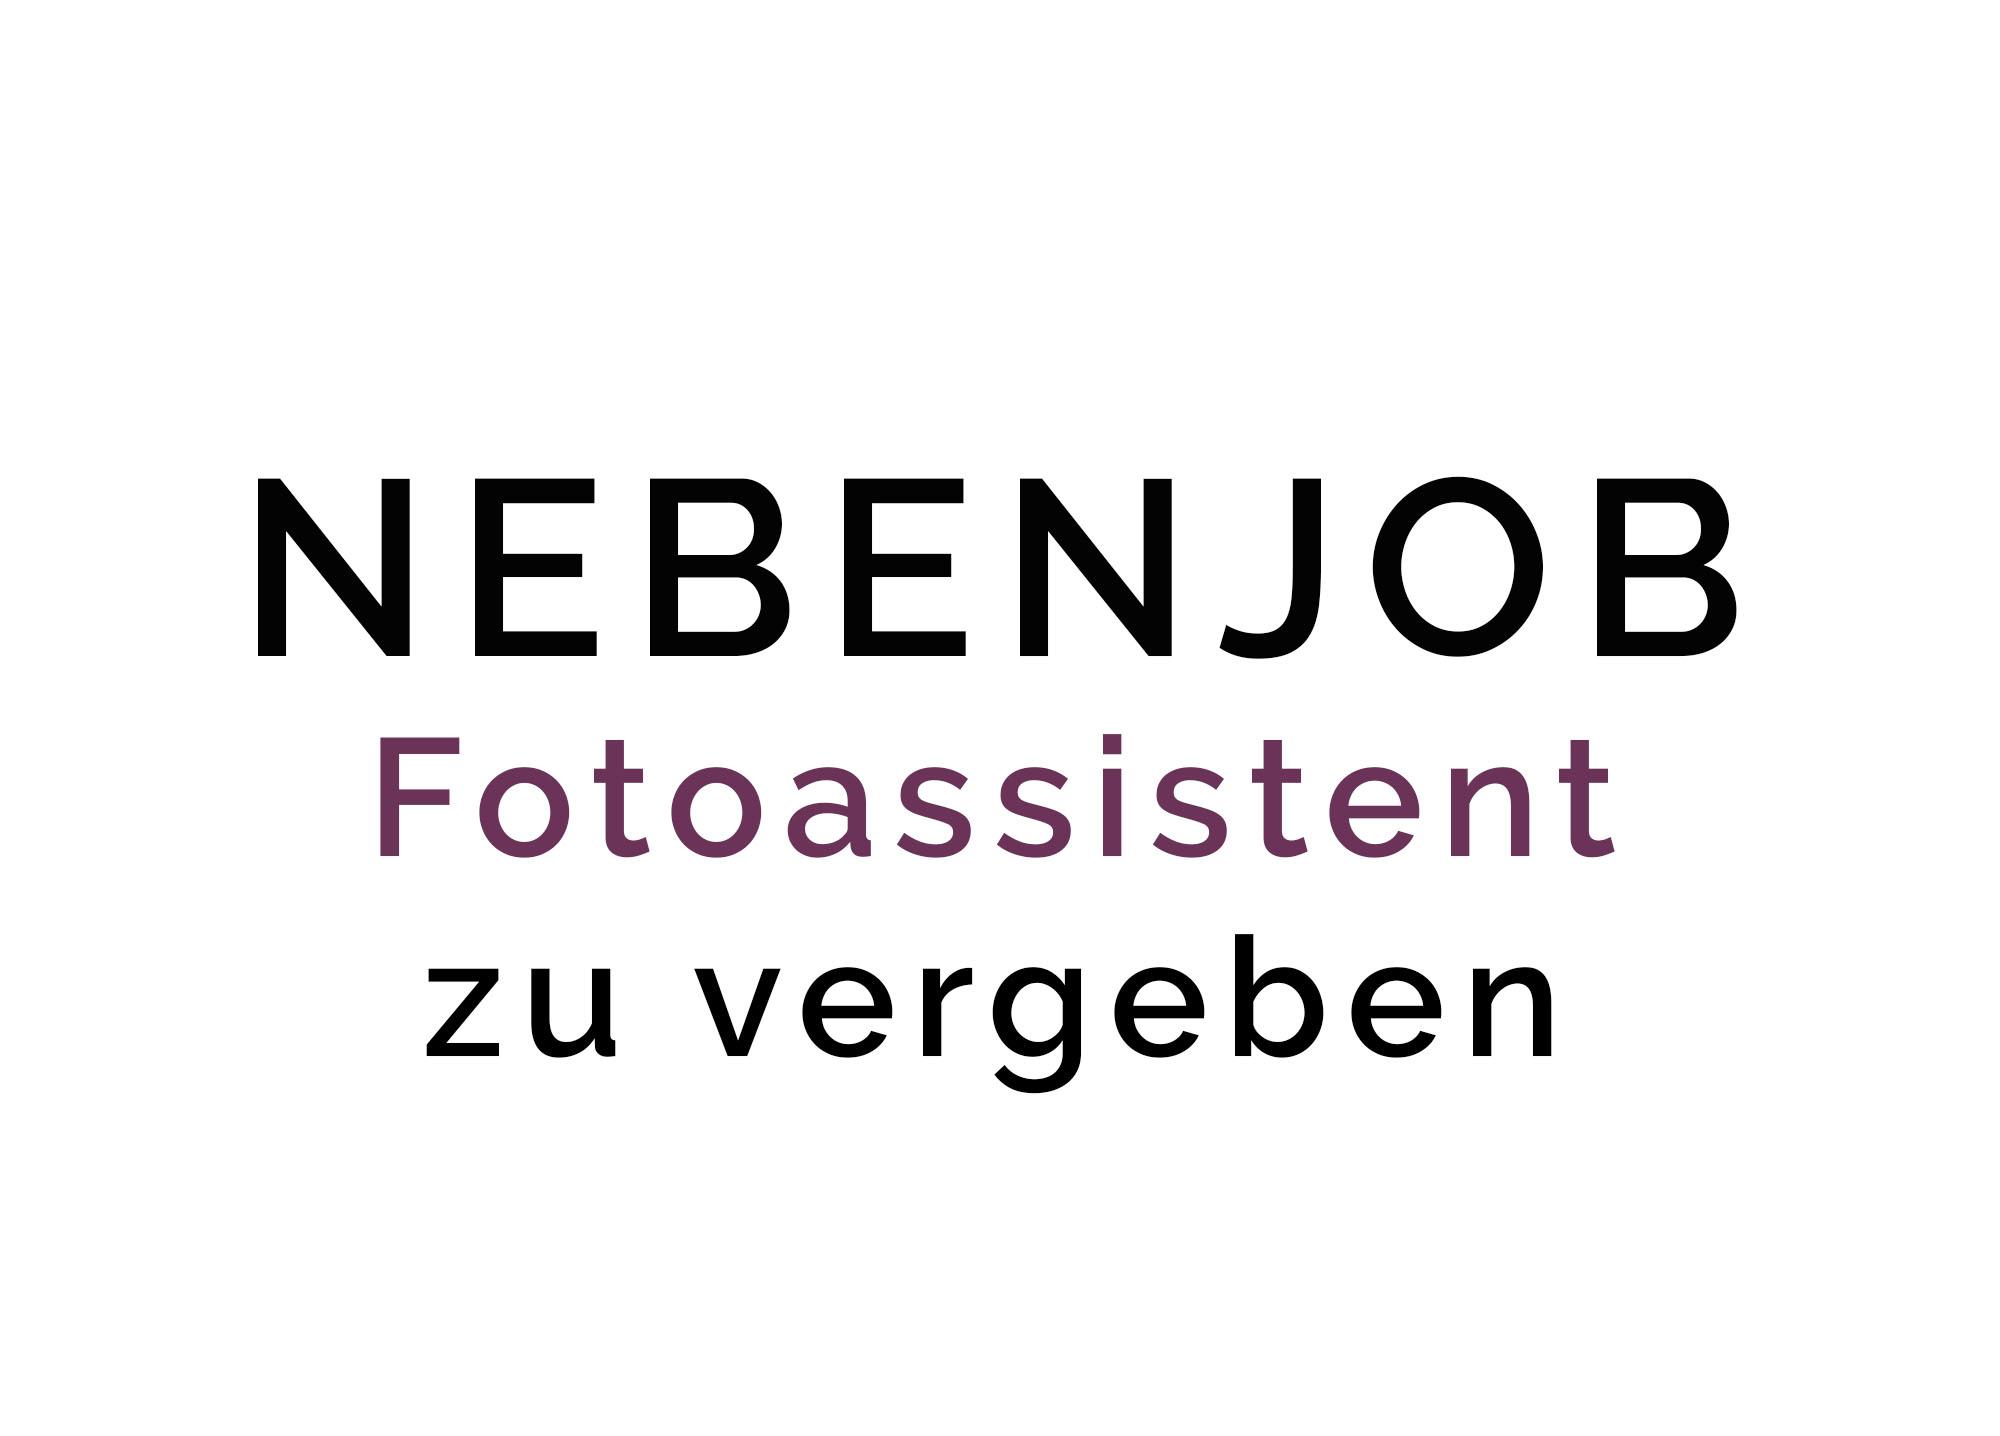 Nebenjob Tübingen Mössingen, Albstadt, Raum Stuttgart, Fotoassistent